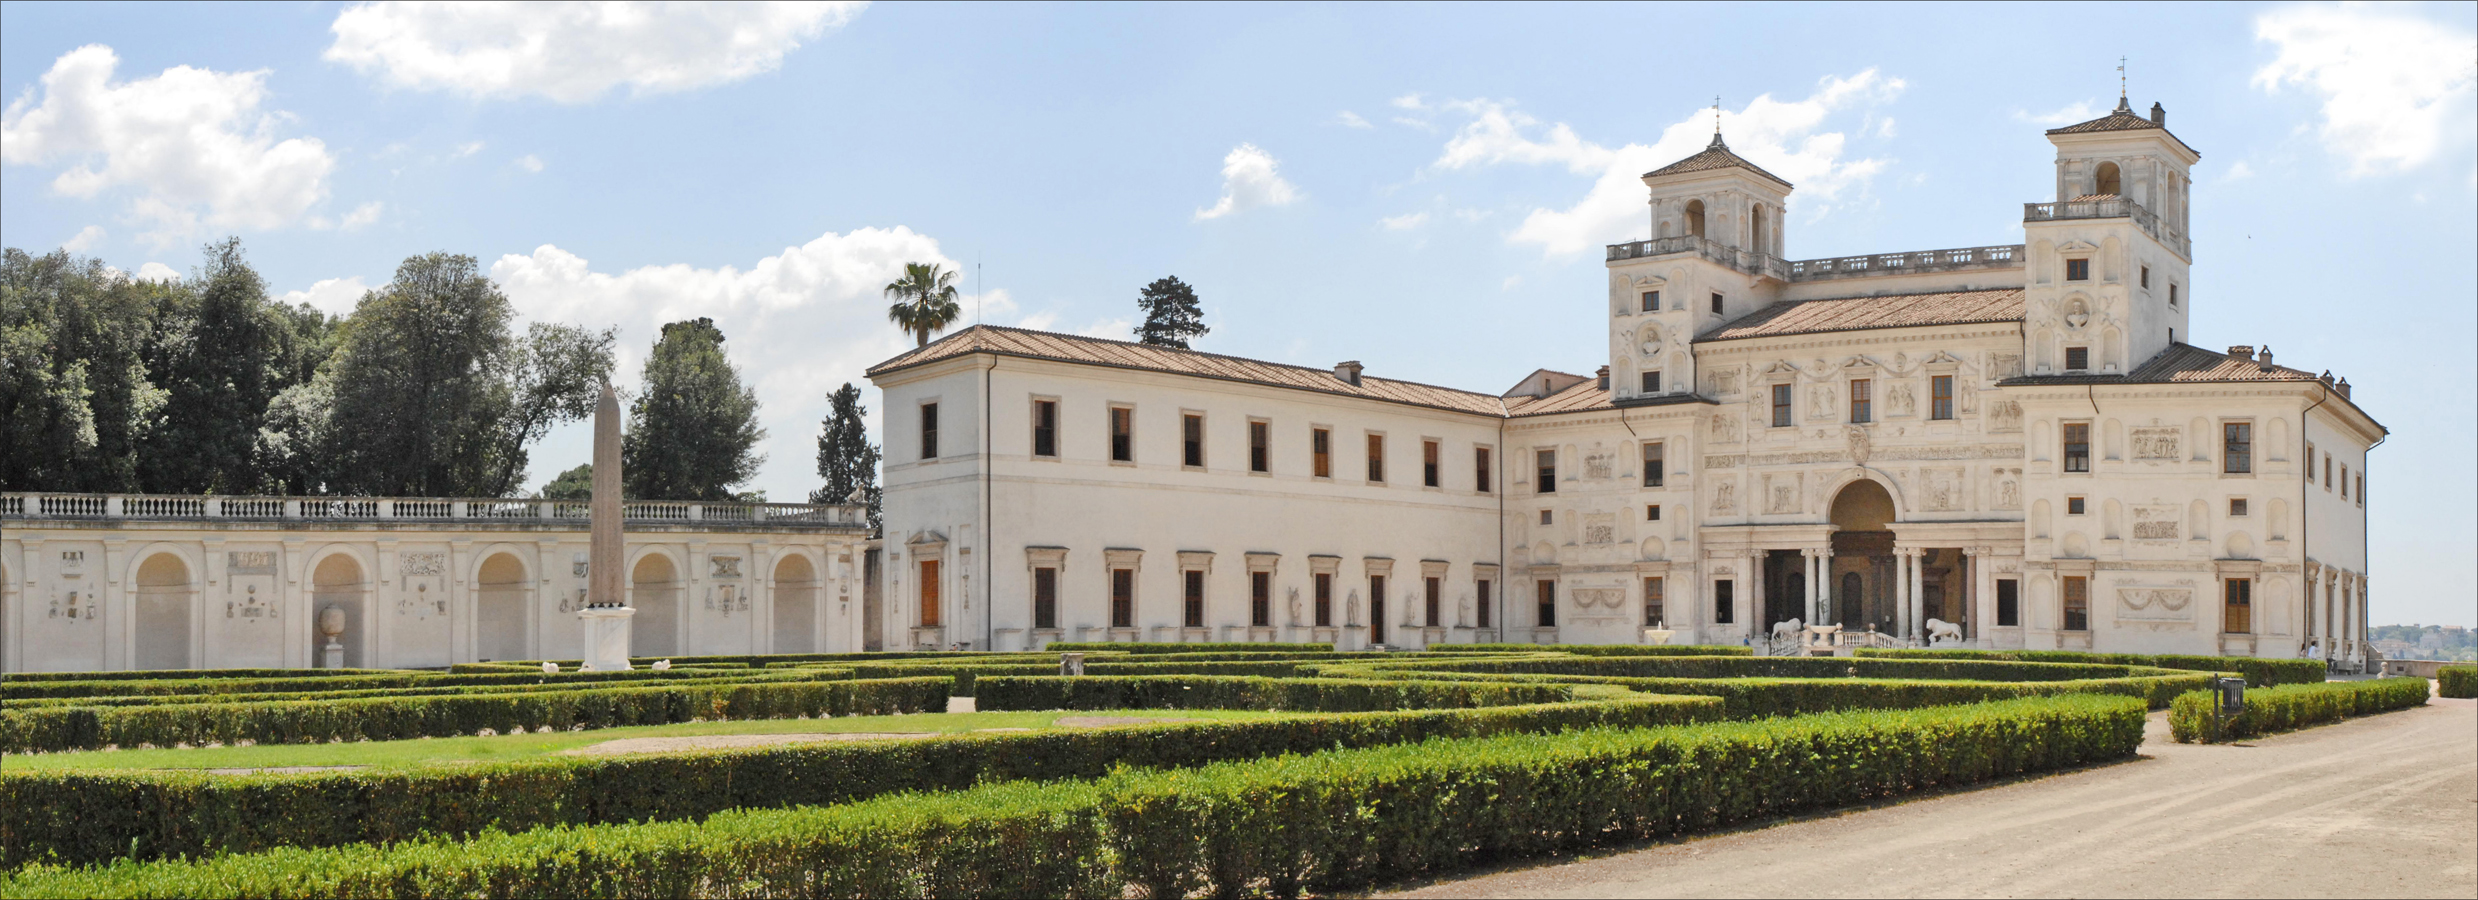 File villa medici rome wikimedia commons for Jardin villa medicis rome